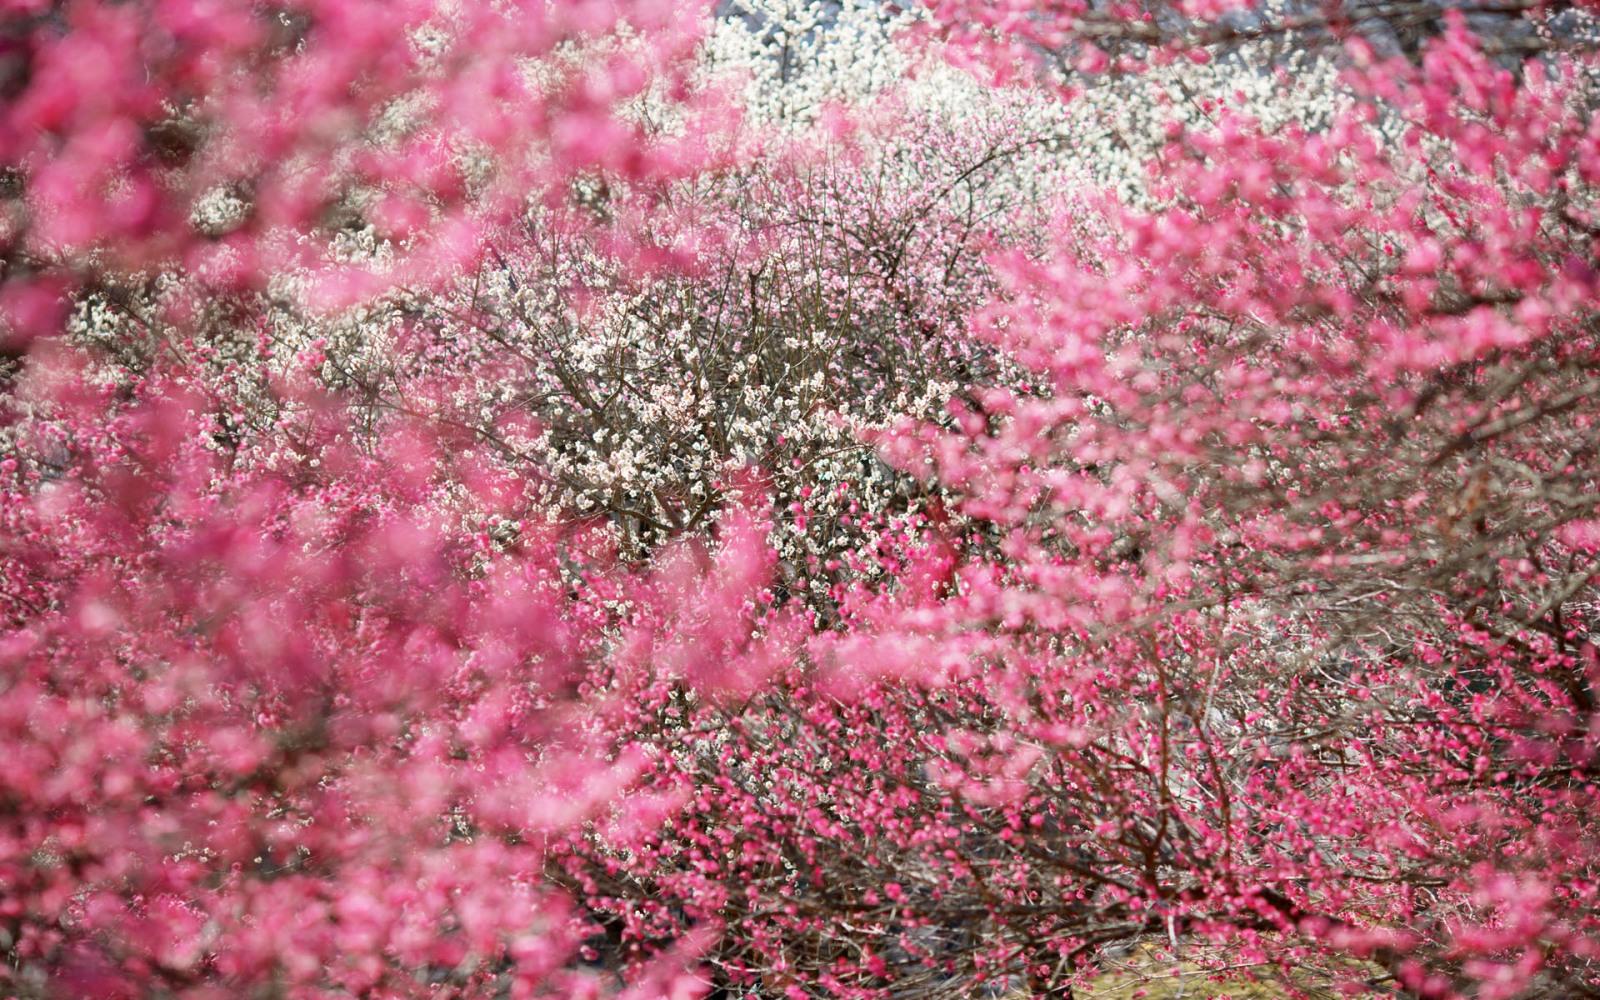 imagenes de flores bonitas gratis